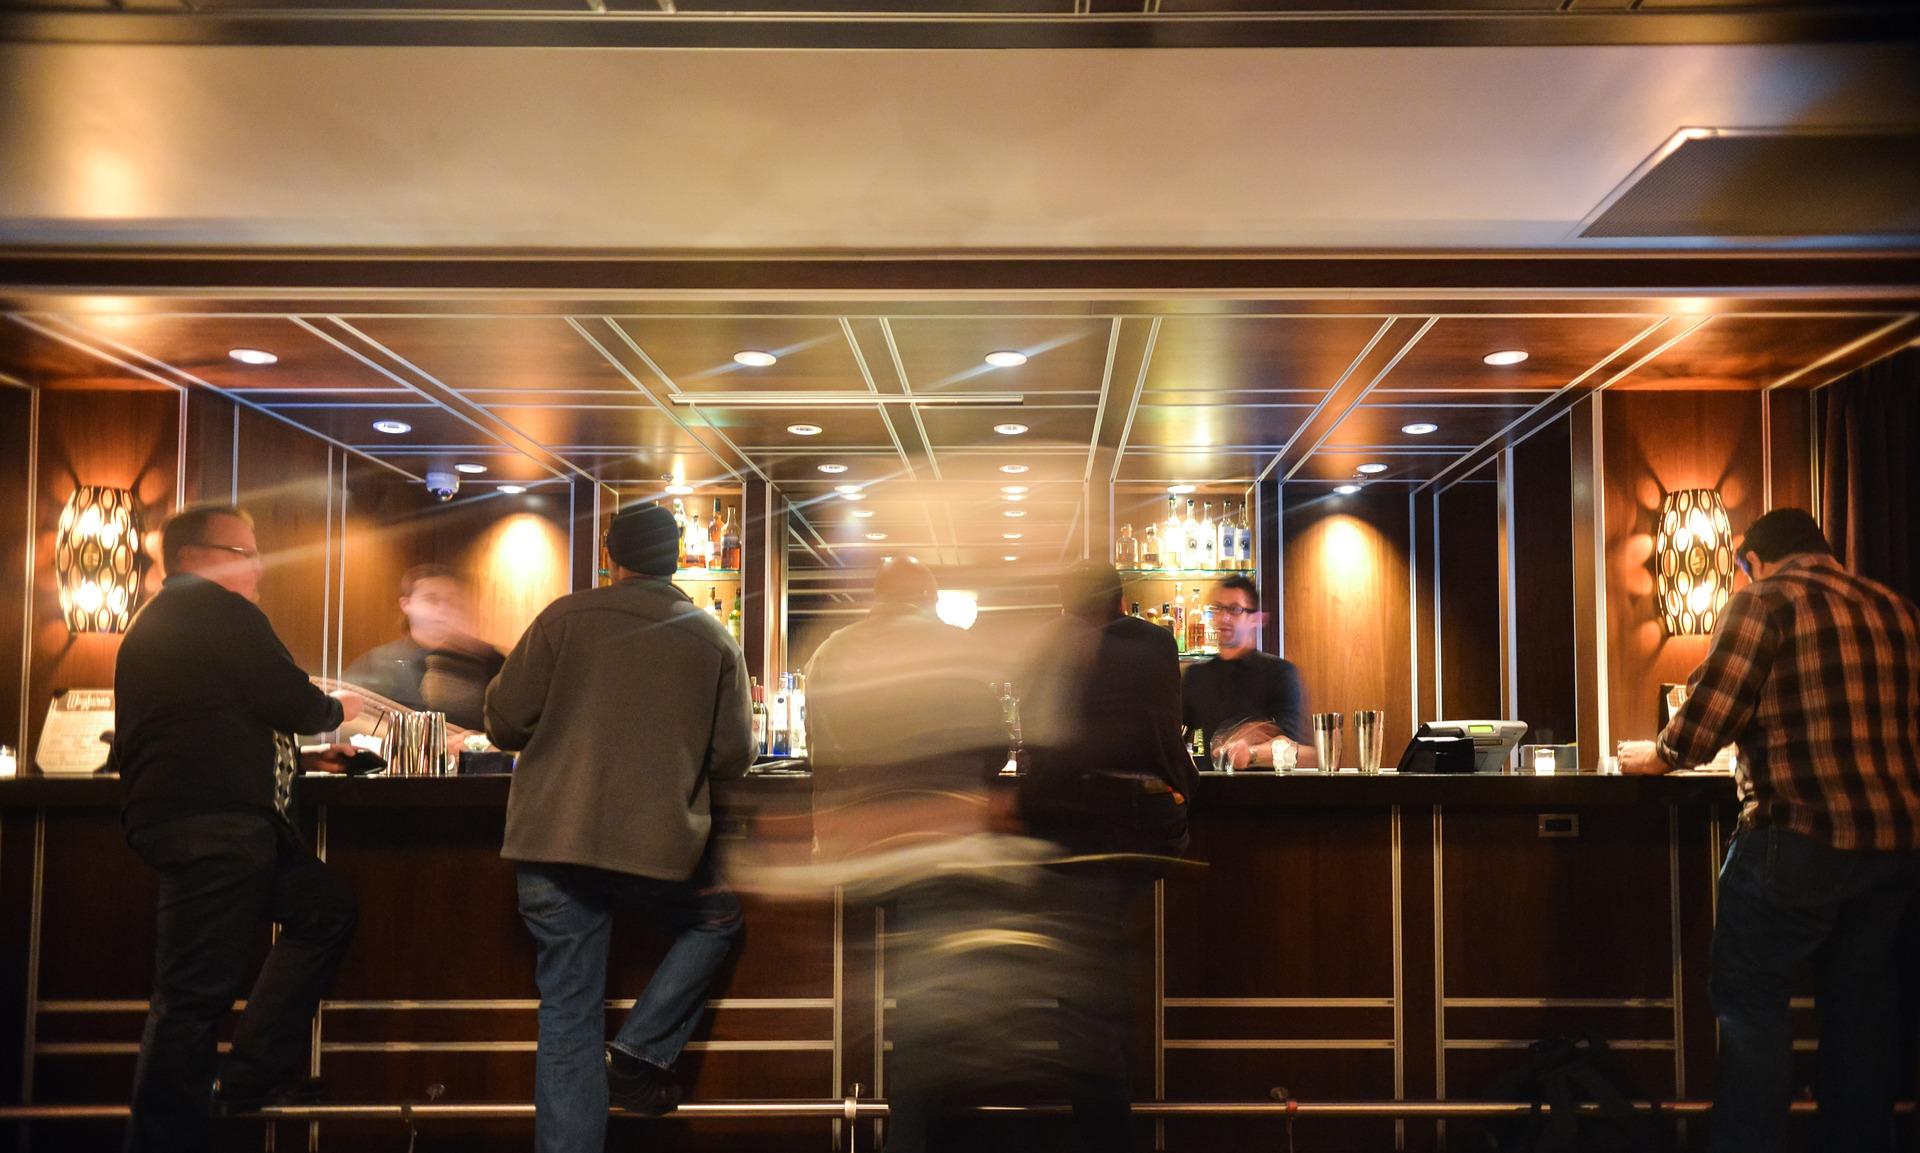 bar-731903_1920